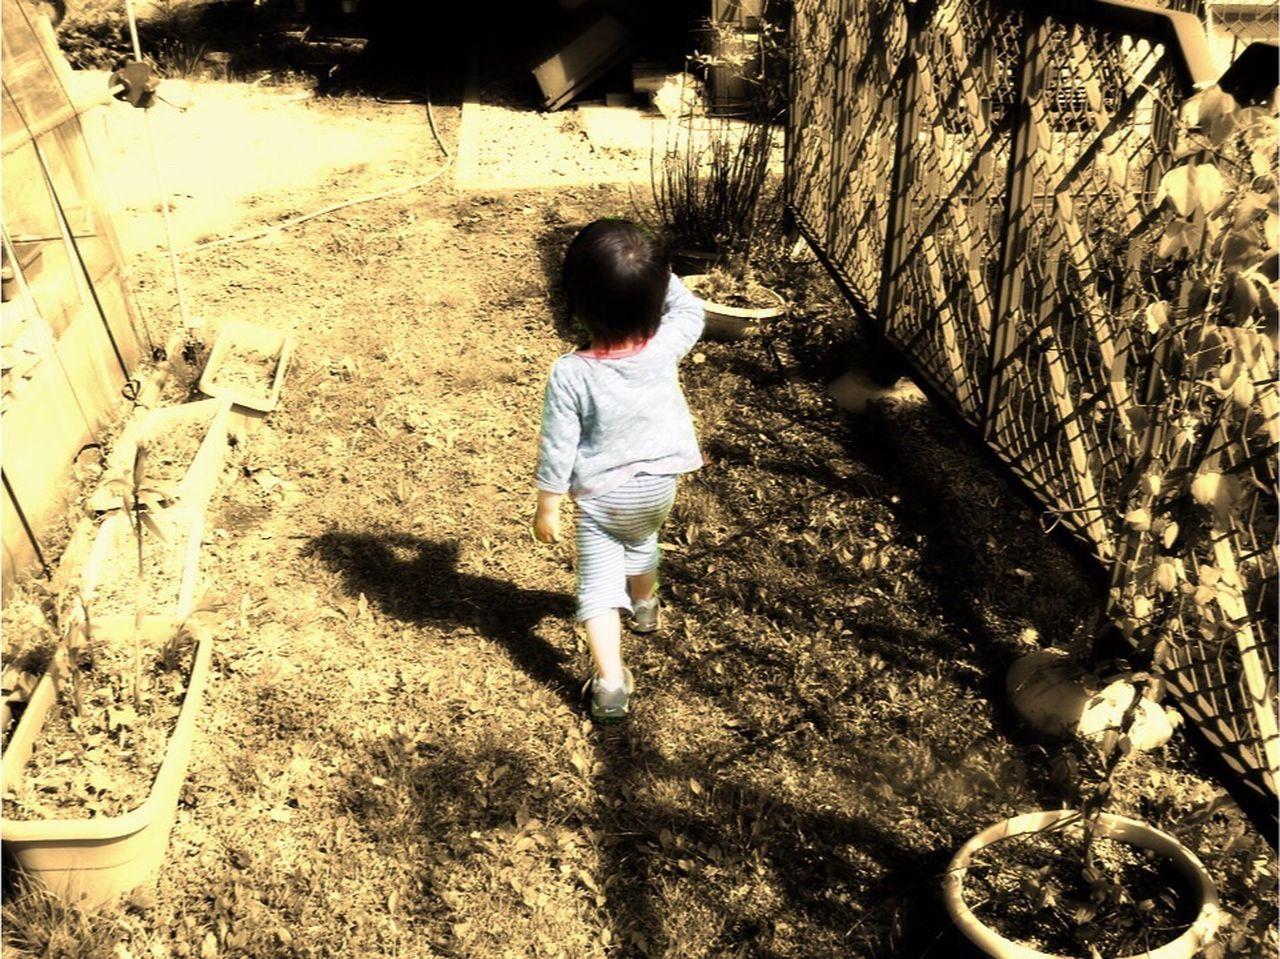 息子氏、2歳の図😊 どこまでも歩いて行ってしまうので、広い公園に行くと大変でした😅 Nice Views EyeEm Best Shots Enjoying Life MySON♥ EyeEm First Eyeem Photo EyeEm Gallery Nikko Cute♡ Nature EyeEm Nature Lover Beautiful Day Park